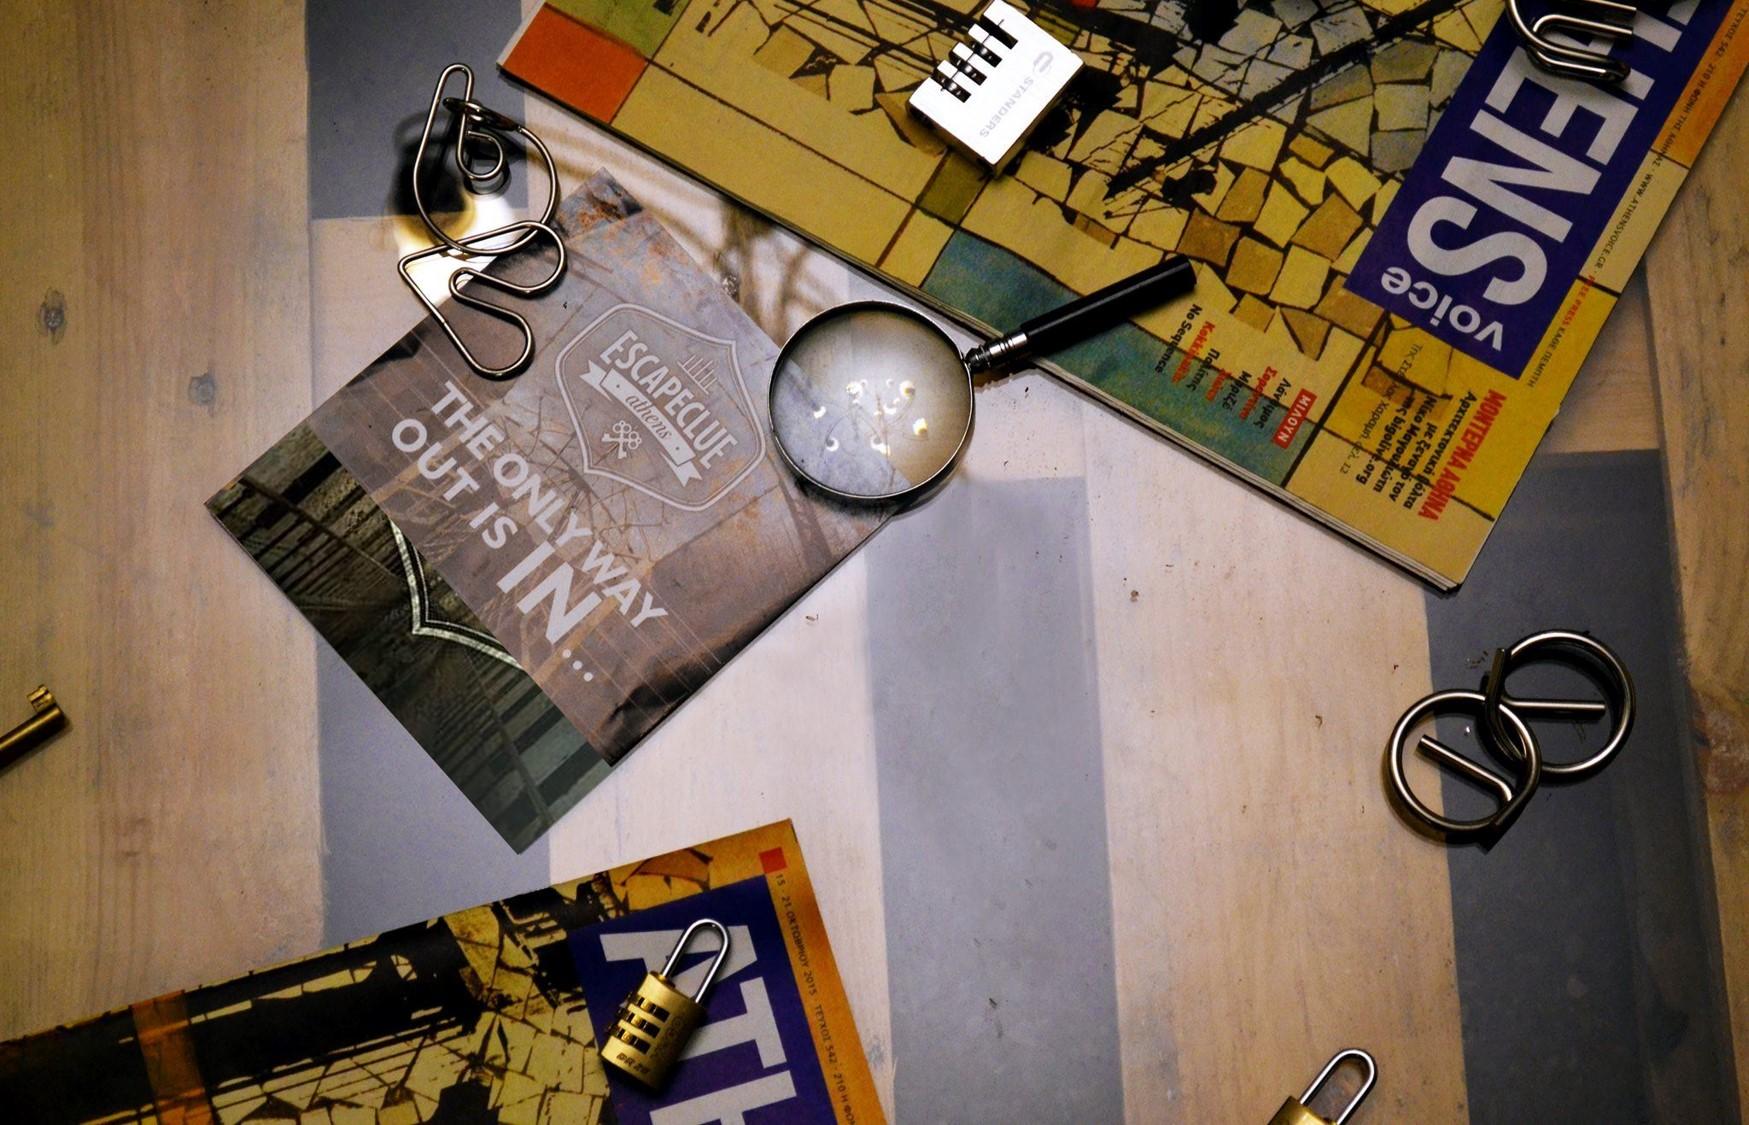 7,5€ από 14€ για να παίξετε με την παρέα σας στα Δωμάτια Απόδρασης του ''Escape Clue'' στο Περιστέρι, ένα από τα μεγαλύτερα Escape Rooms της πόλης